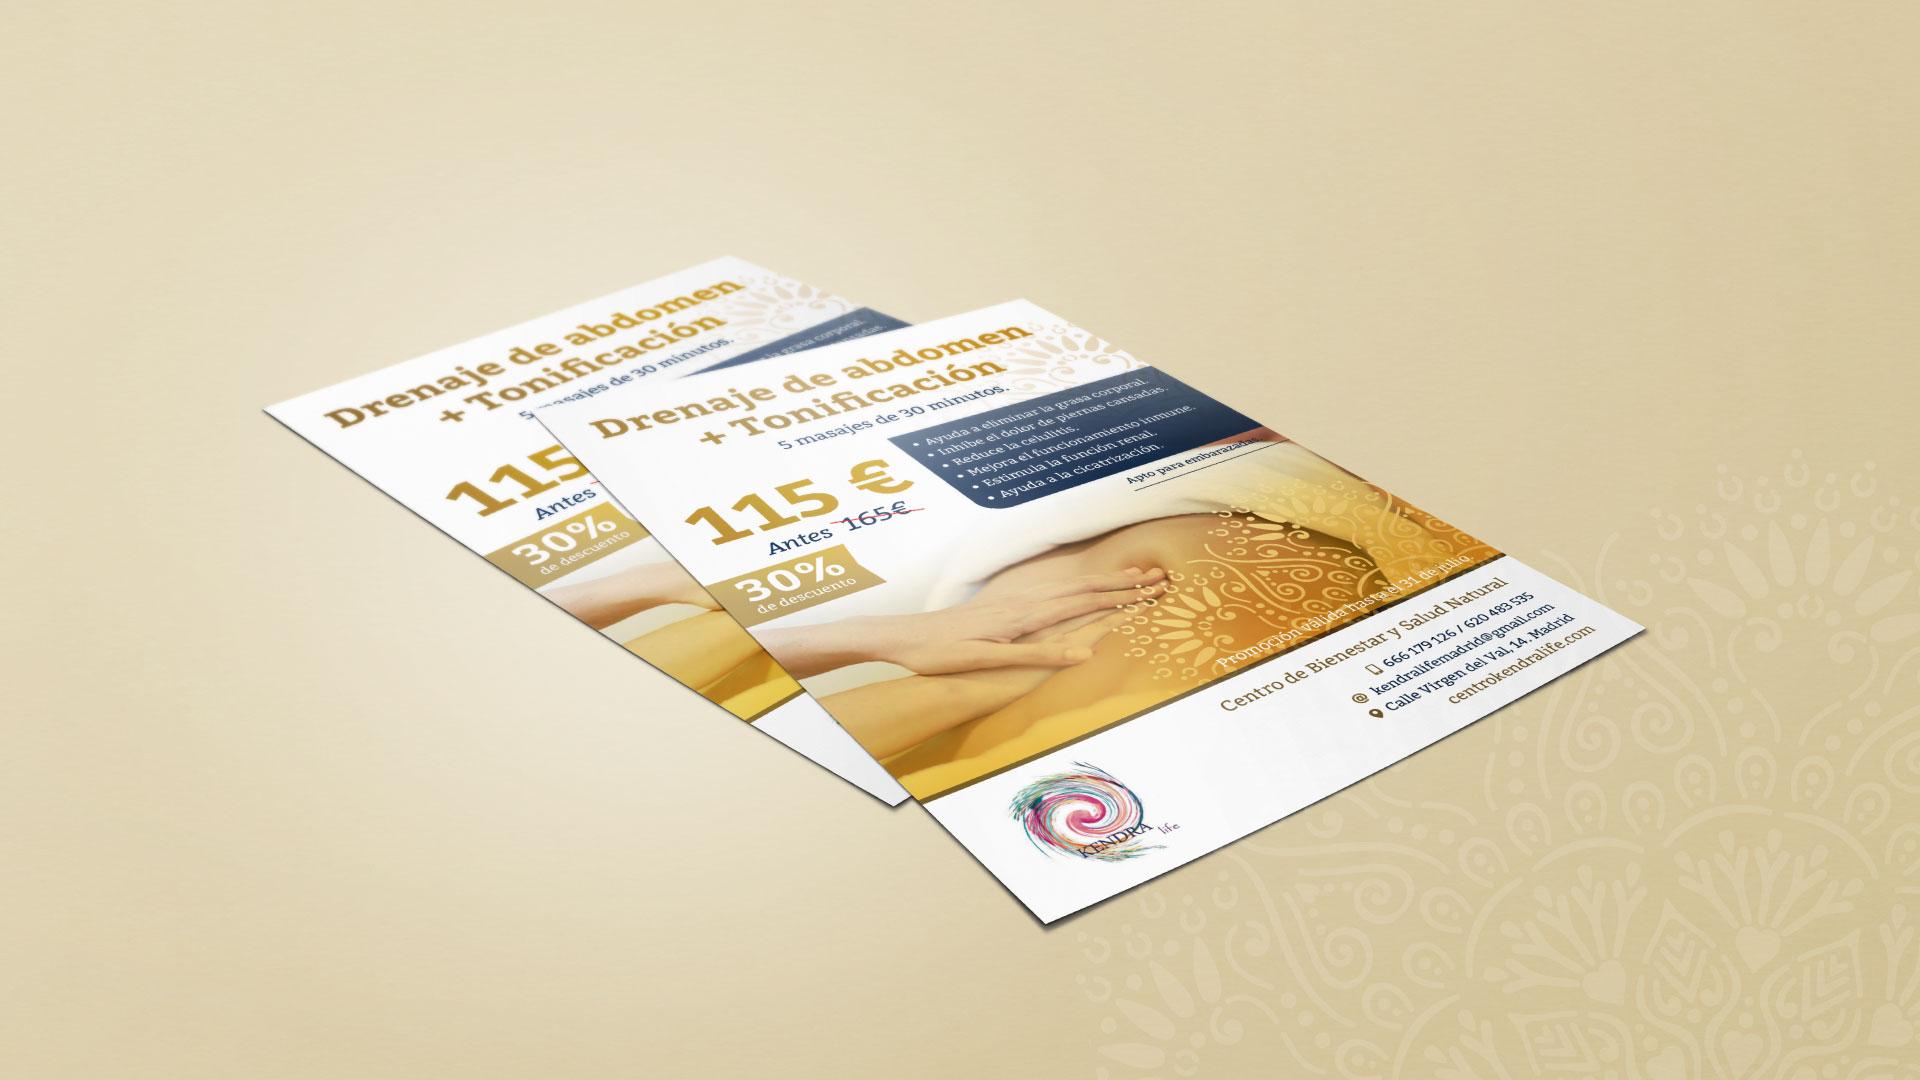 diseño gráfico de flyer publicitario